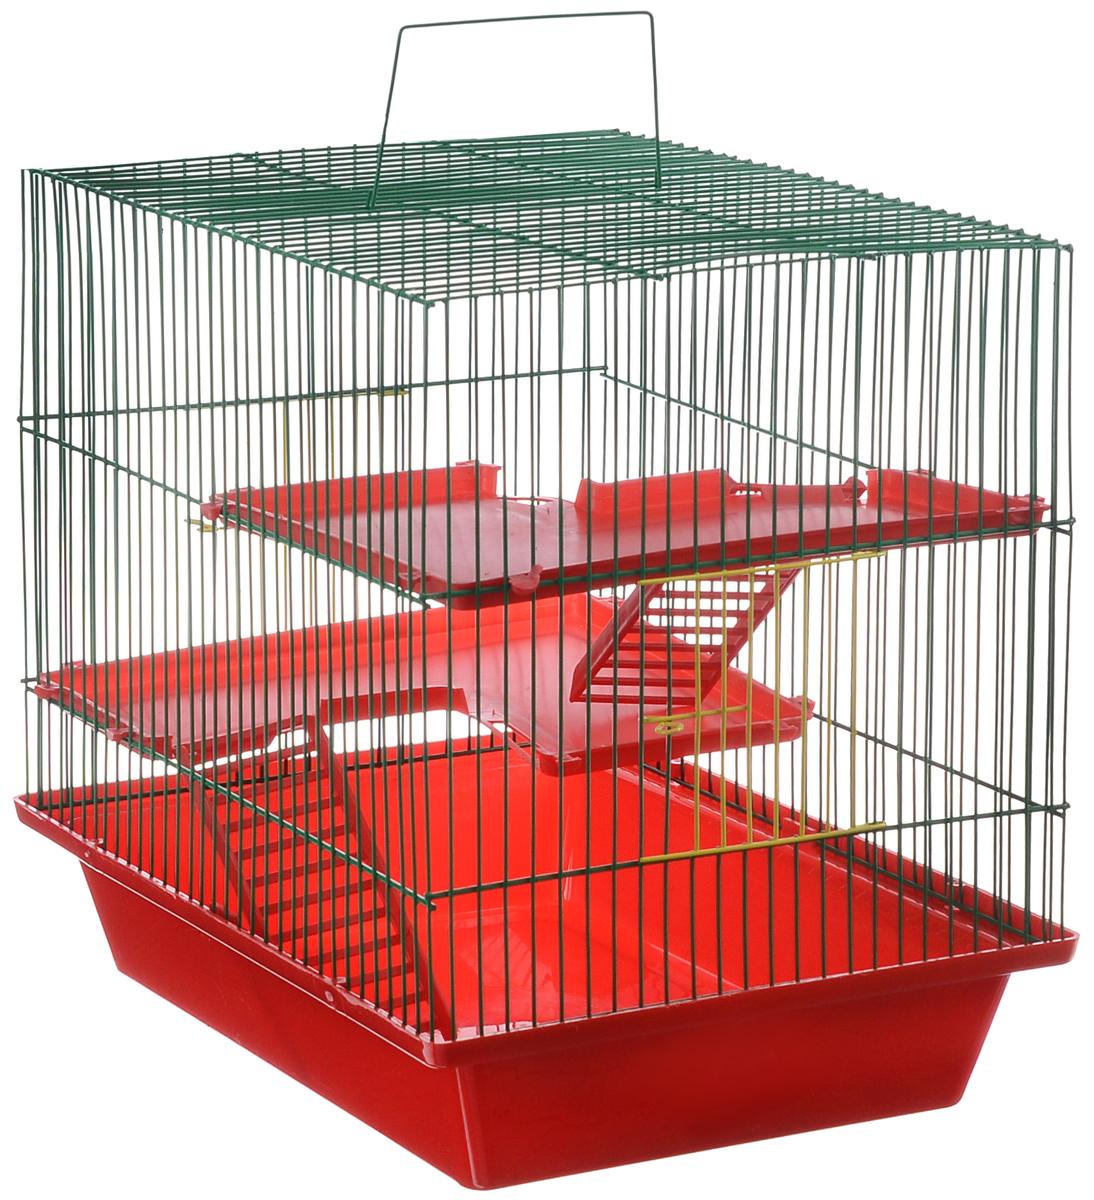 Клетка для грызунов ЗооМарк Гризли, 3-этажная, цвет: красный поддон, зеленая решетка, красные этажи, 41 х 30 х 36 см230КЗКлетка ЗооМарк Гризли, выполненная из полипропилена и металла, подходит для мелких грызунов. Изделие трехэтажное. Клетка имеет яркий поддон, удобна в использовании и легко чистится. Сверху имеется ручка для переноски.Такая клетка станет уединенным личным пространством и уютным домиком для маленького грызуна.